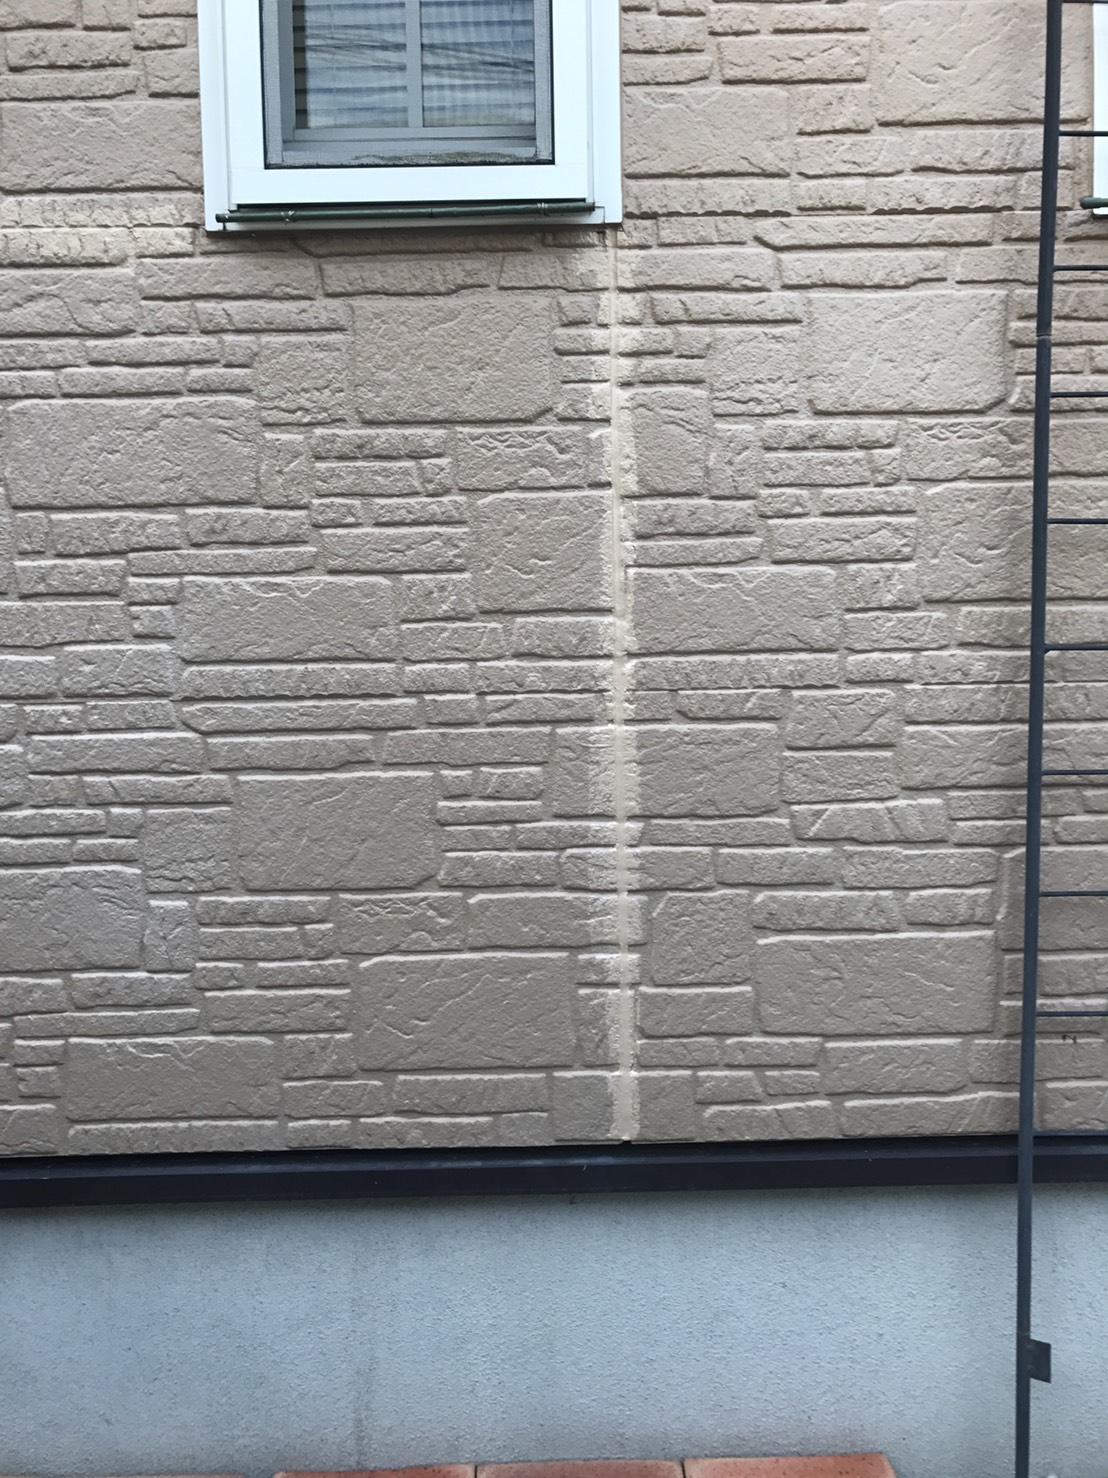 兵庫県T様邸コーキング部分の補修、塗装工事 - BEFORE